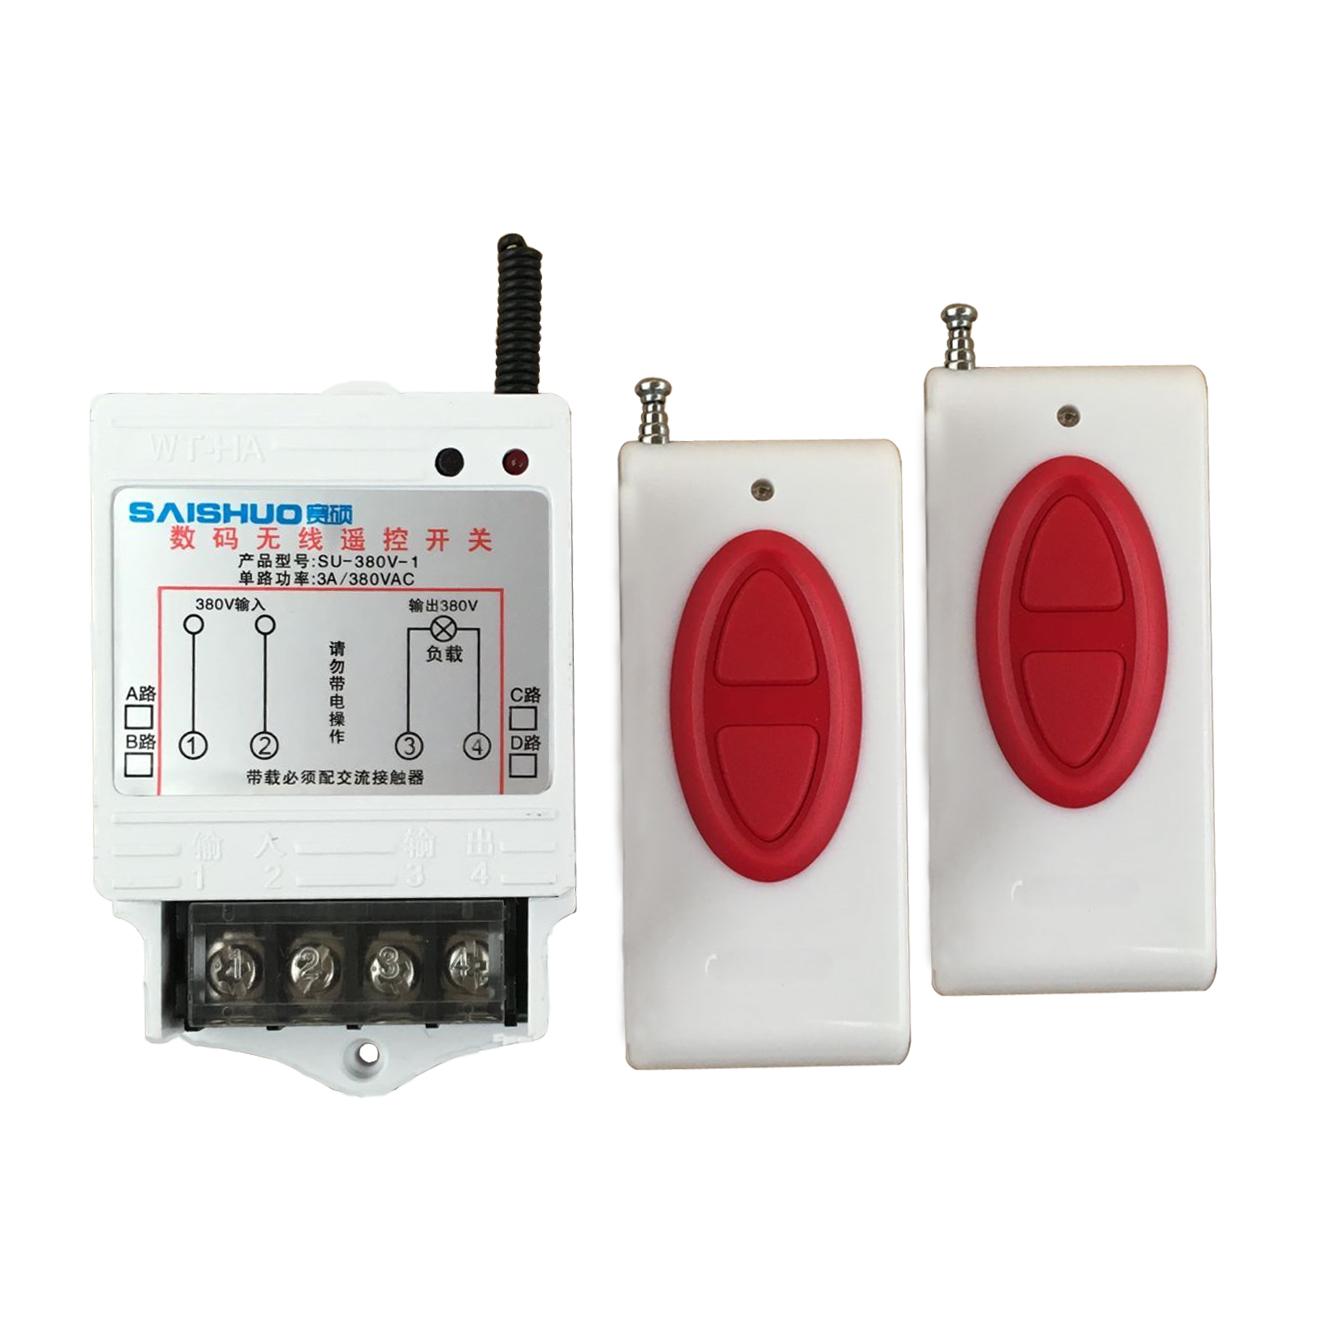 لاسلكي للتحكم عن بعد التبديل الكهربائية مضخة 380V مصباح تحكم عالية الطاقة إمدادات الطاقة التبديل التحكم عن بعد حزمة البريد